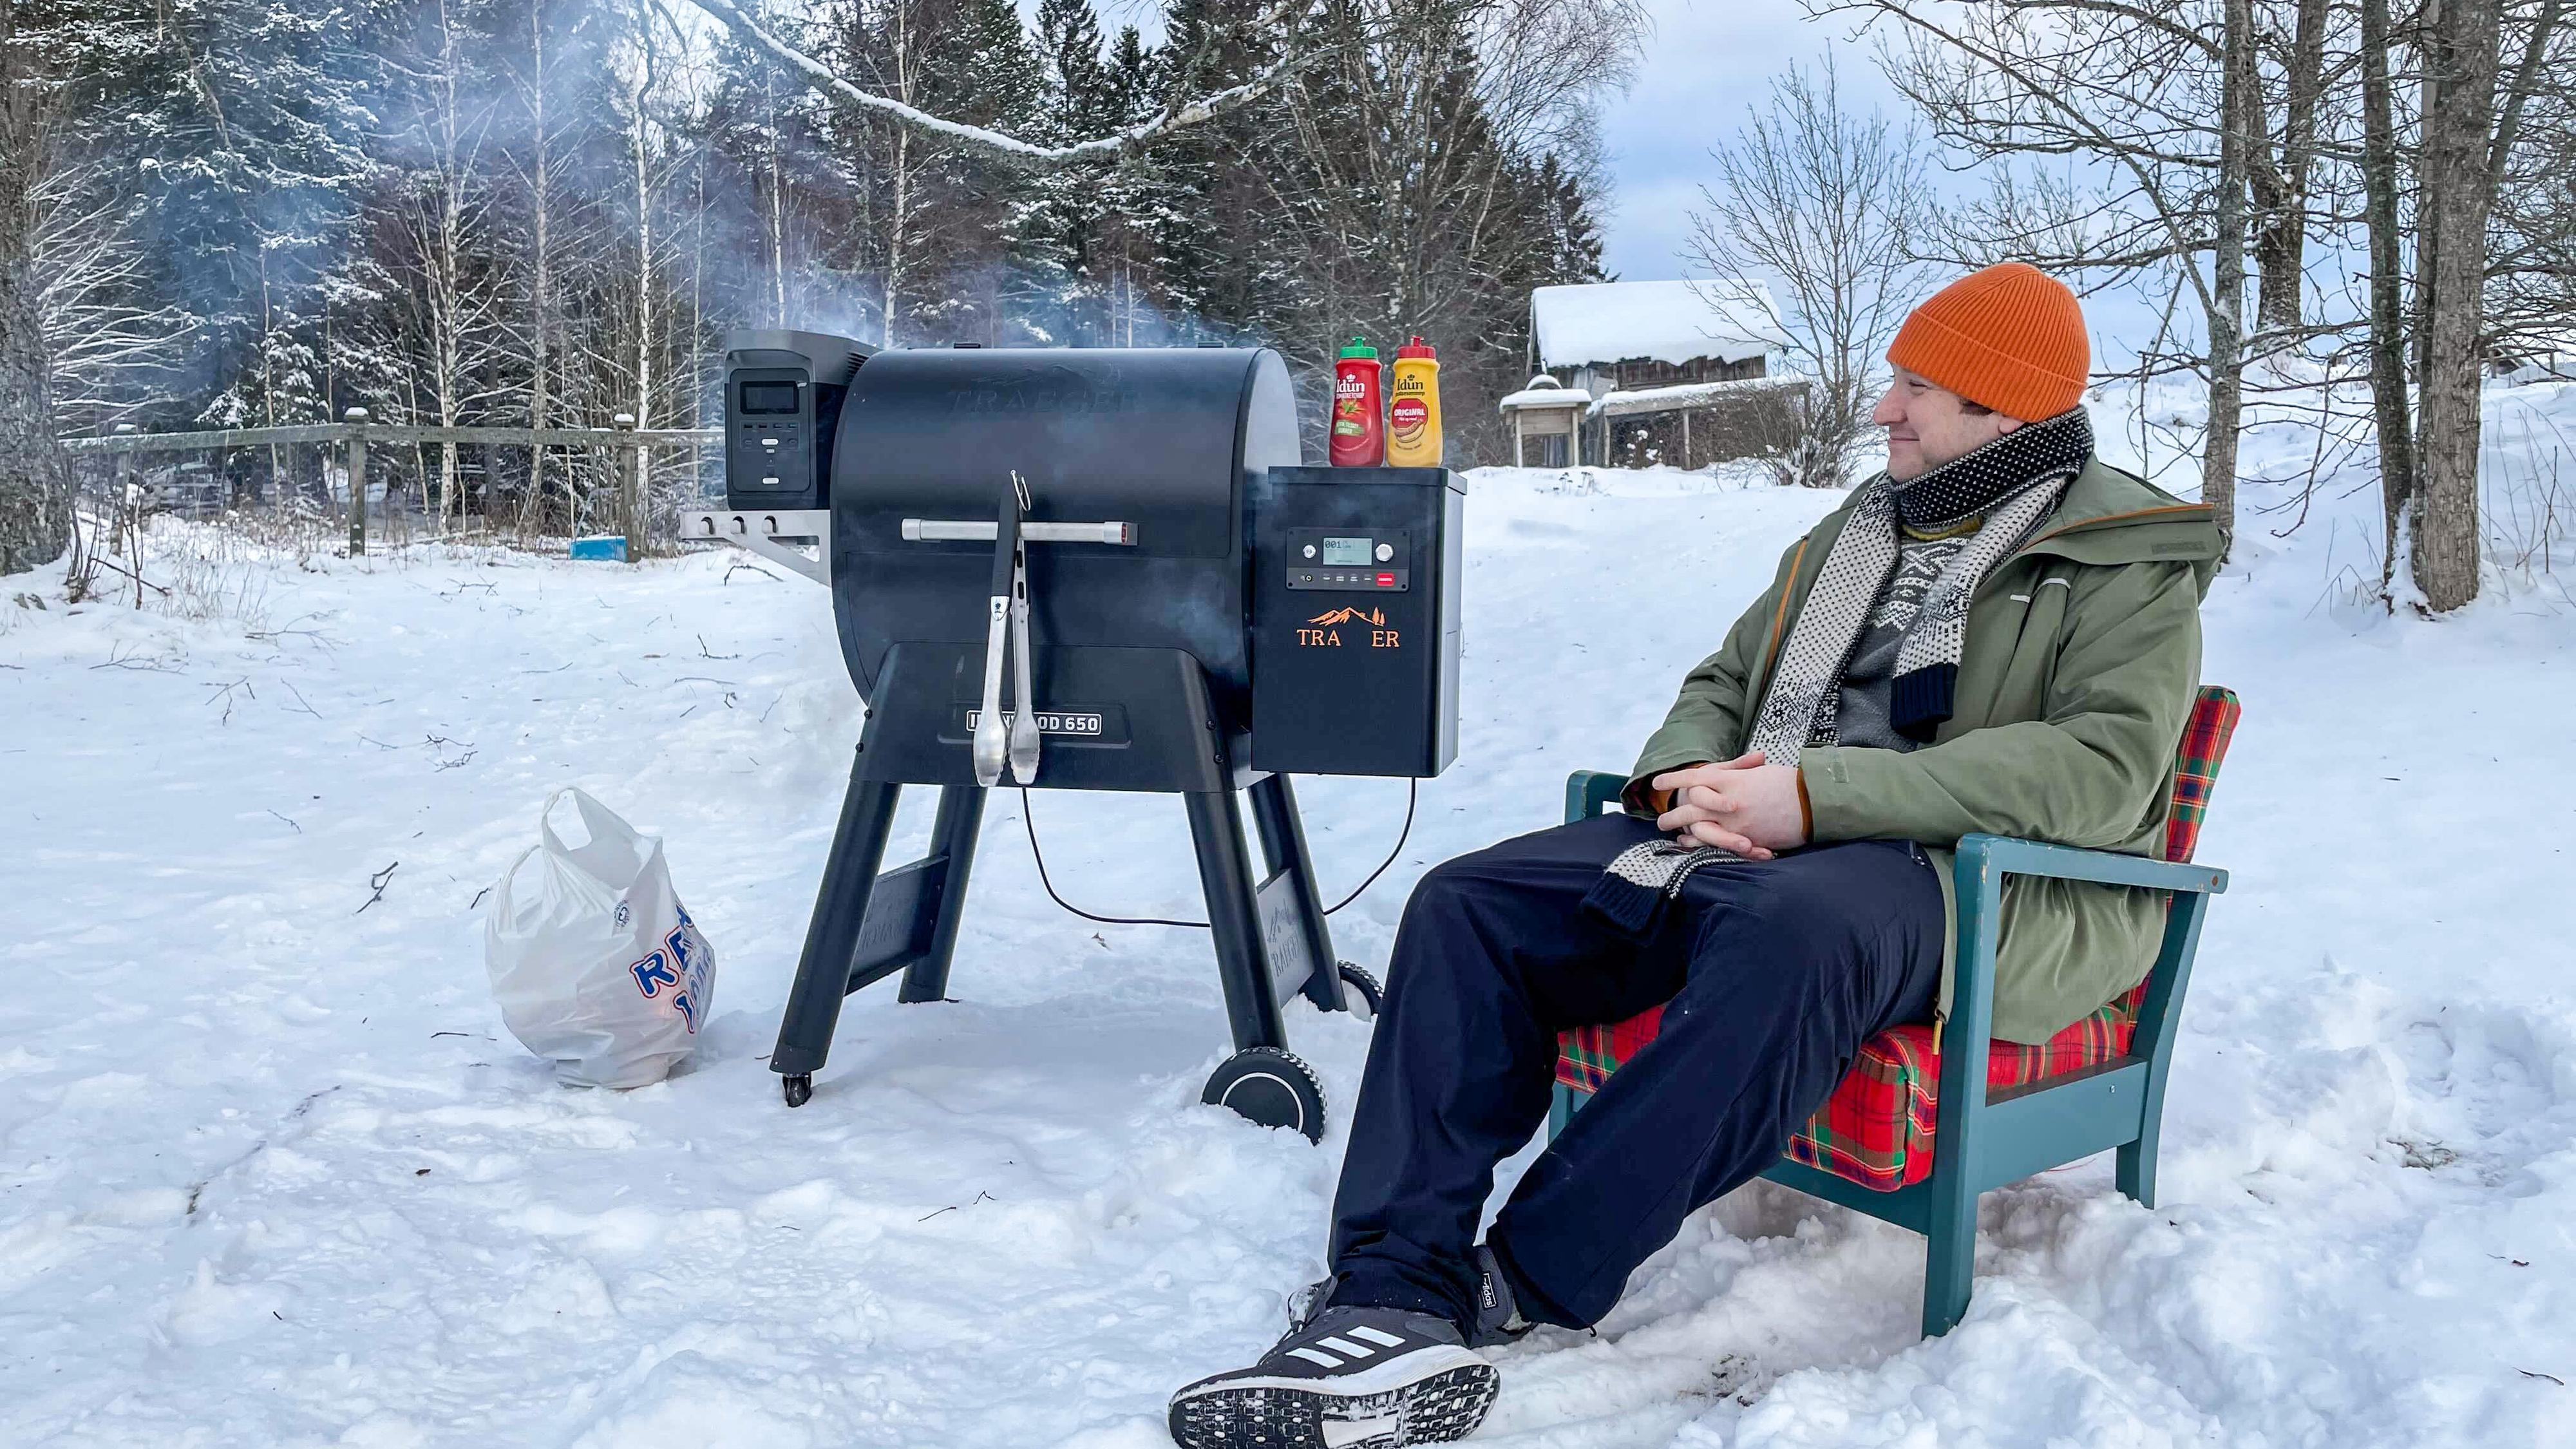 En elektrisk pelletsfyrt grill gjorde oppvarming, tenning og «bålpusting» i en drøy times tid uten å plage Delta 1300 nevneverdig.